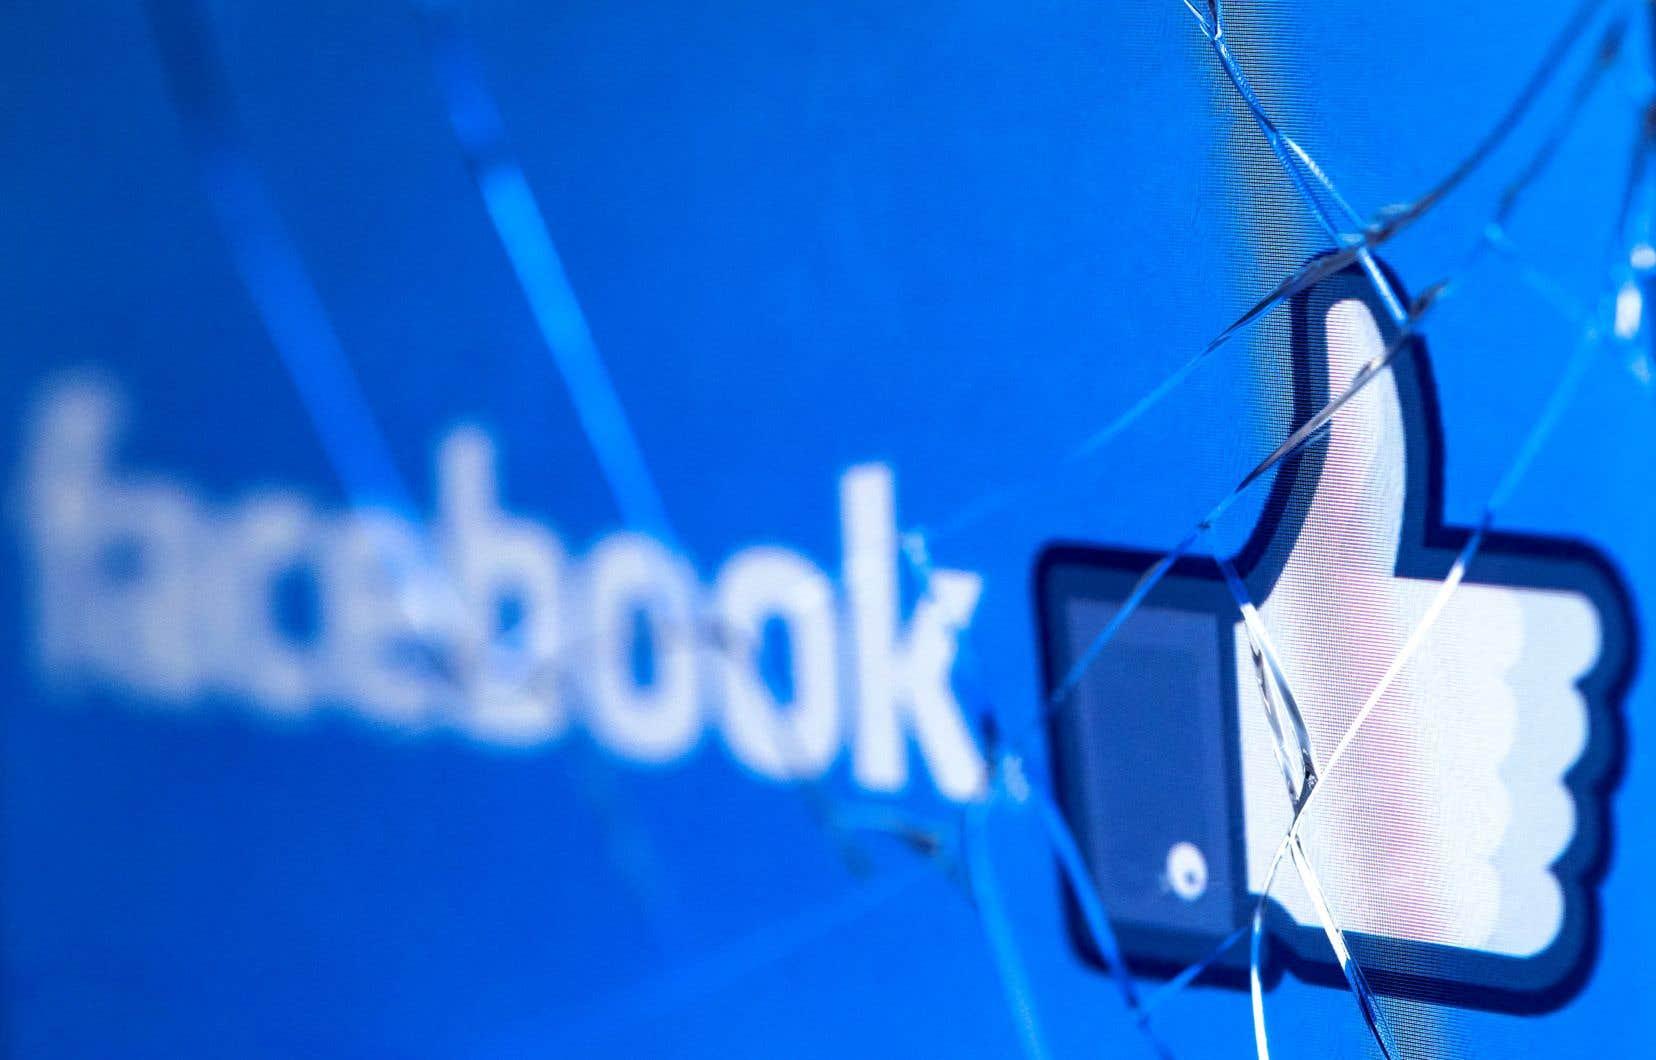 Au Canada, les informations personnelles de 3,49 millions d'utilisateurs Facebook sont actuellement en circulation sur Internet, ce qui représente près de 14% des quelque 25 millions d'utilisateurs au pays.